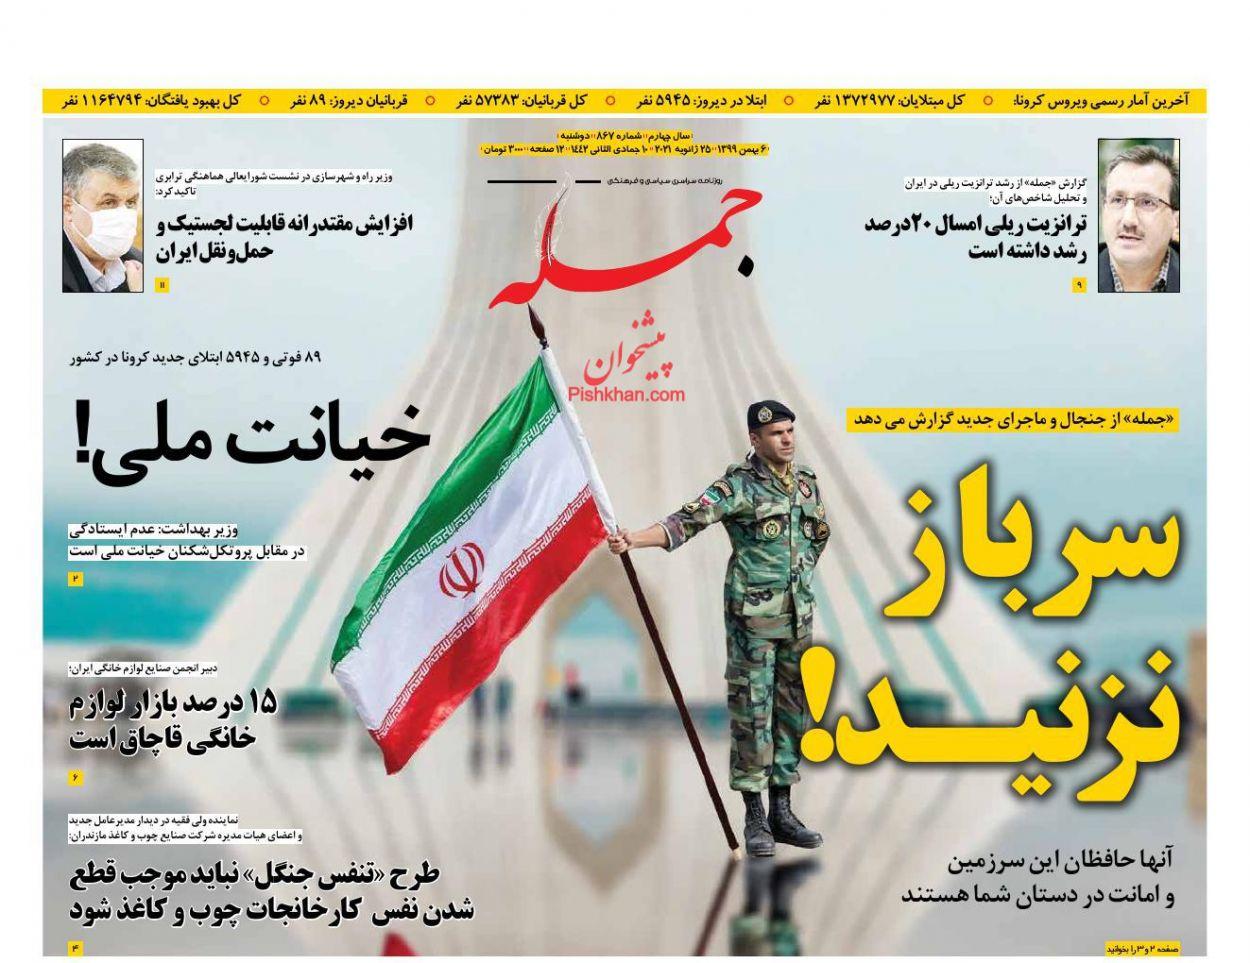 عناوین اخبار روزنامه جمله در روز دوشنبه ۶ بهمن